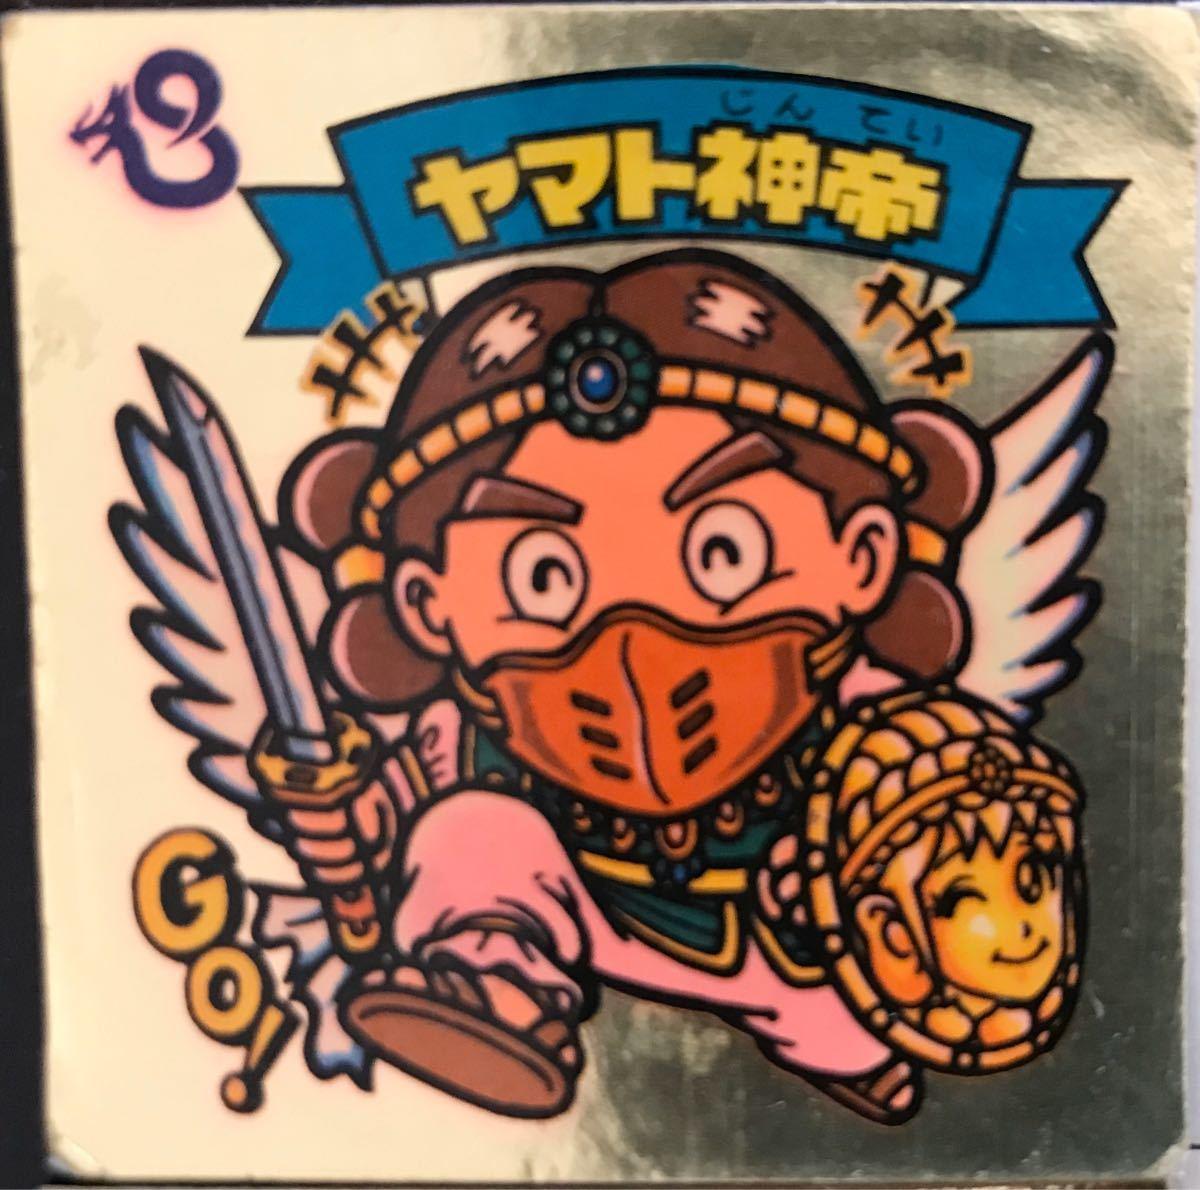 ビックリマンシール 第9弾 フルコンプ チョコ すくみ 当時物 送料込み!